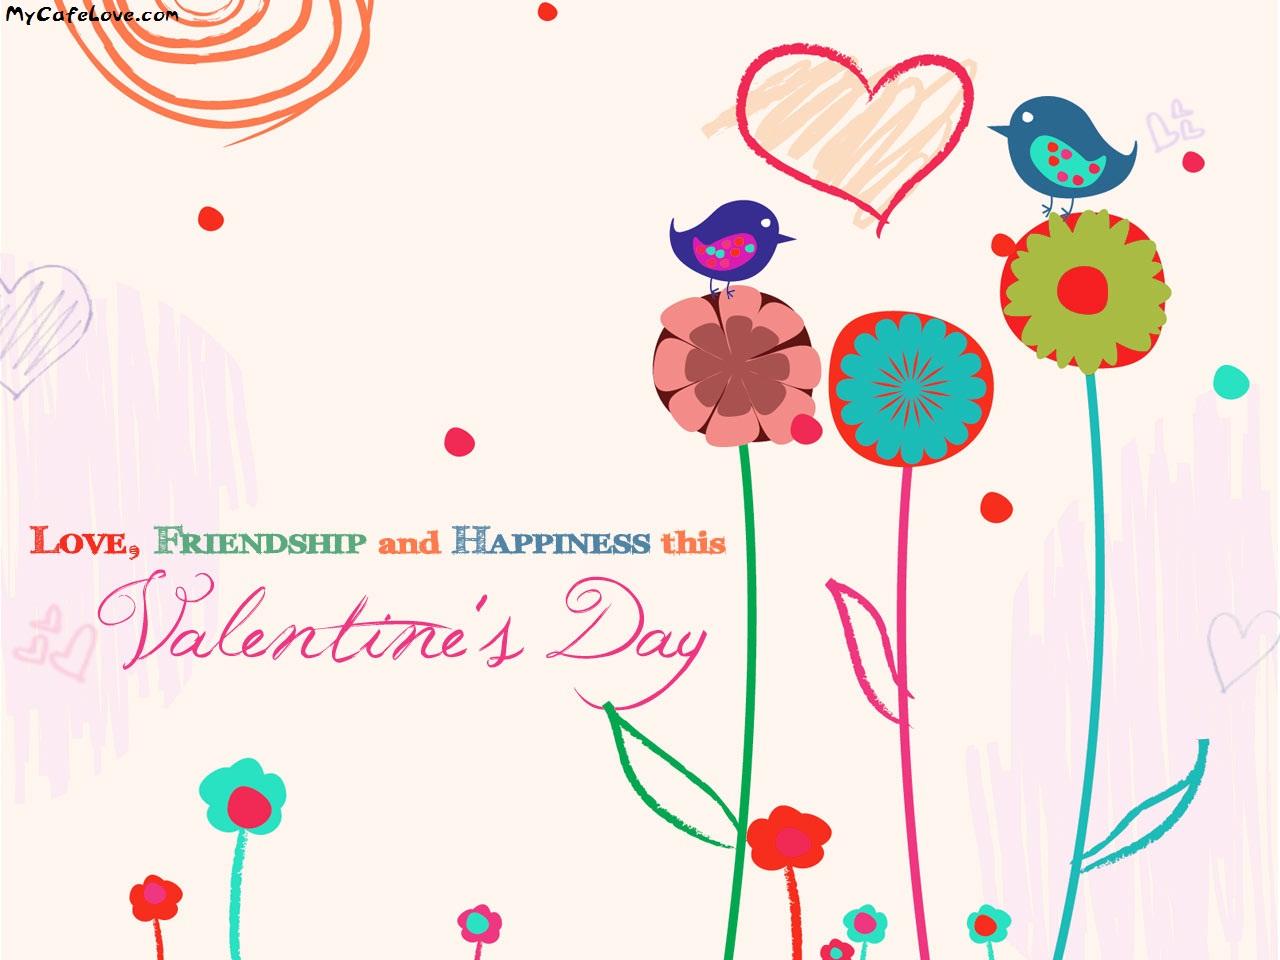 http://2.bp.blogspot.com/-nBVuwhmxK3M/URE0cskEAAI/AAAAAAAAGXU/CWjgHQWbMXk/s1600/love+friendship+and+valentines+day.jpg